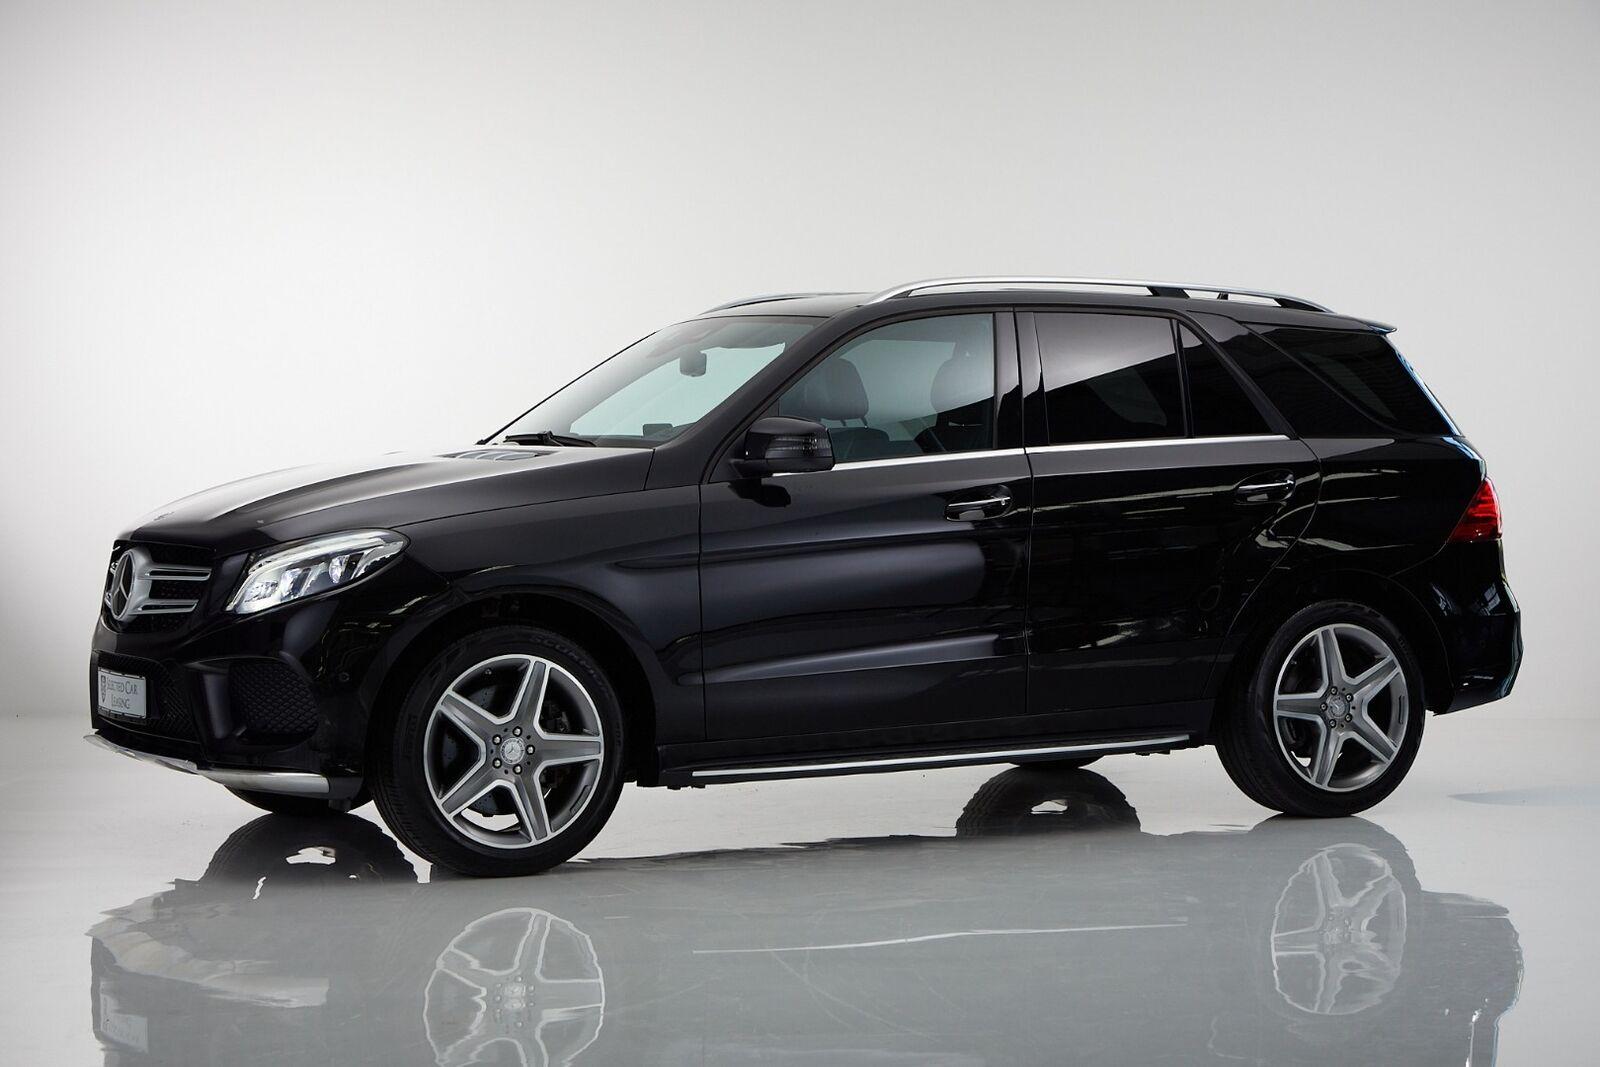 Mercedes GLE350 d 3,0 AMG Line aut. 4-M 5d - 4.527 kr.